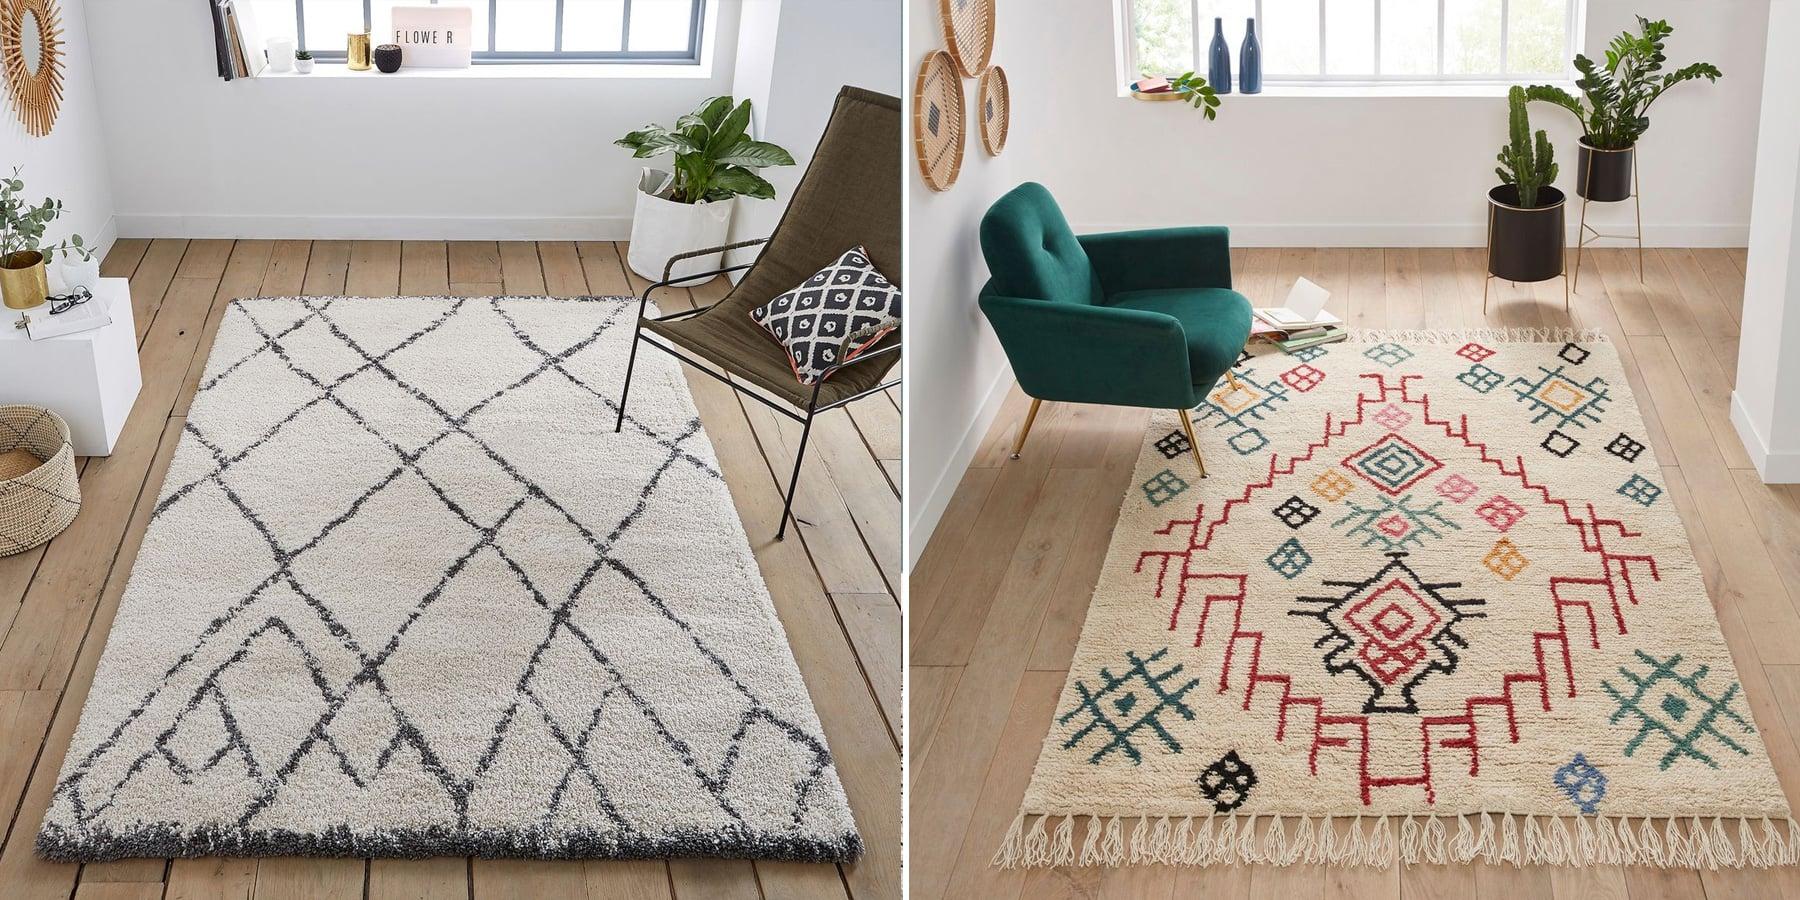 Où acheter un tapis berbère - Inspirations déco : un tapis berbère dans le salon